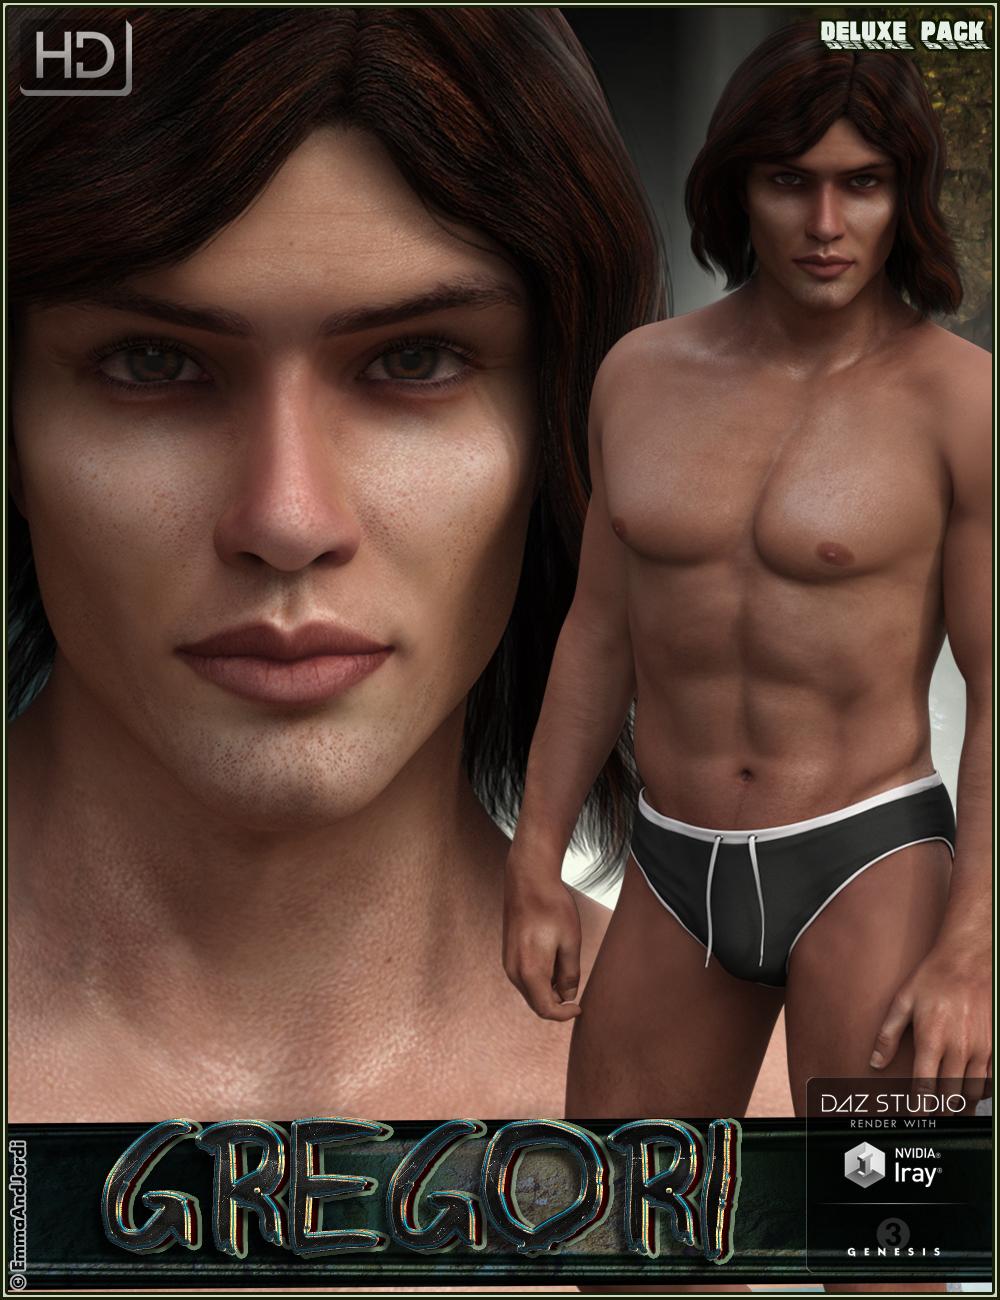 EJ Gregori HD Deluxe Pack by: EmmaAndJordi, 3D Models by Daz 3D